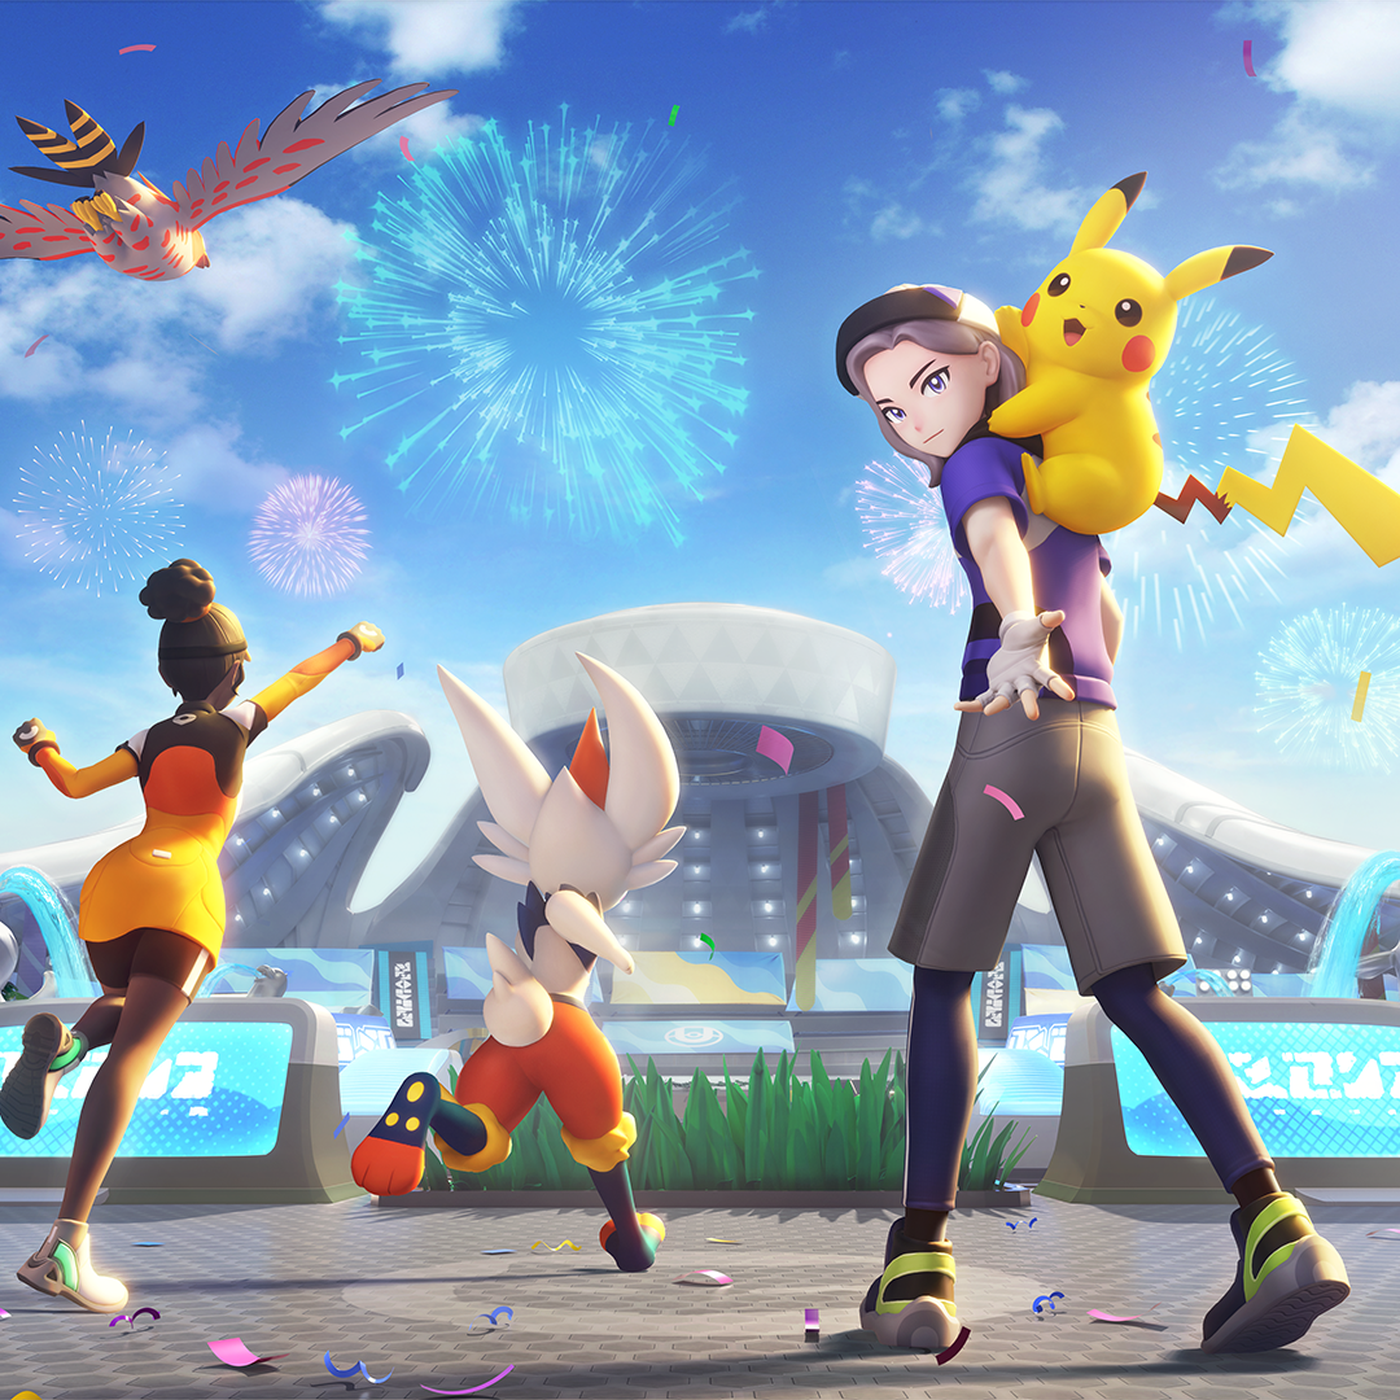 Pokemon Pokémon GO